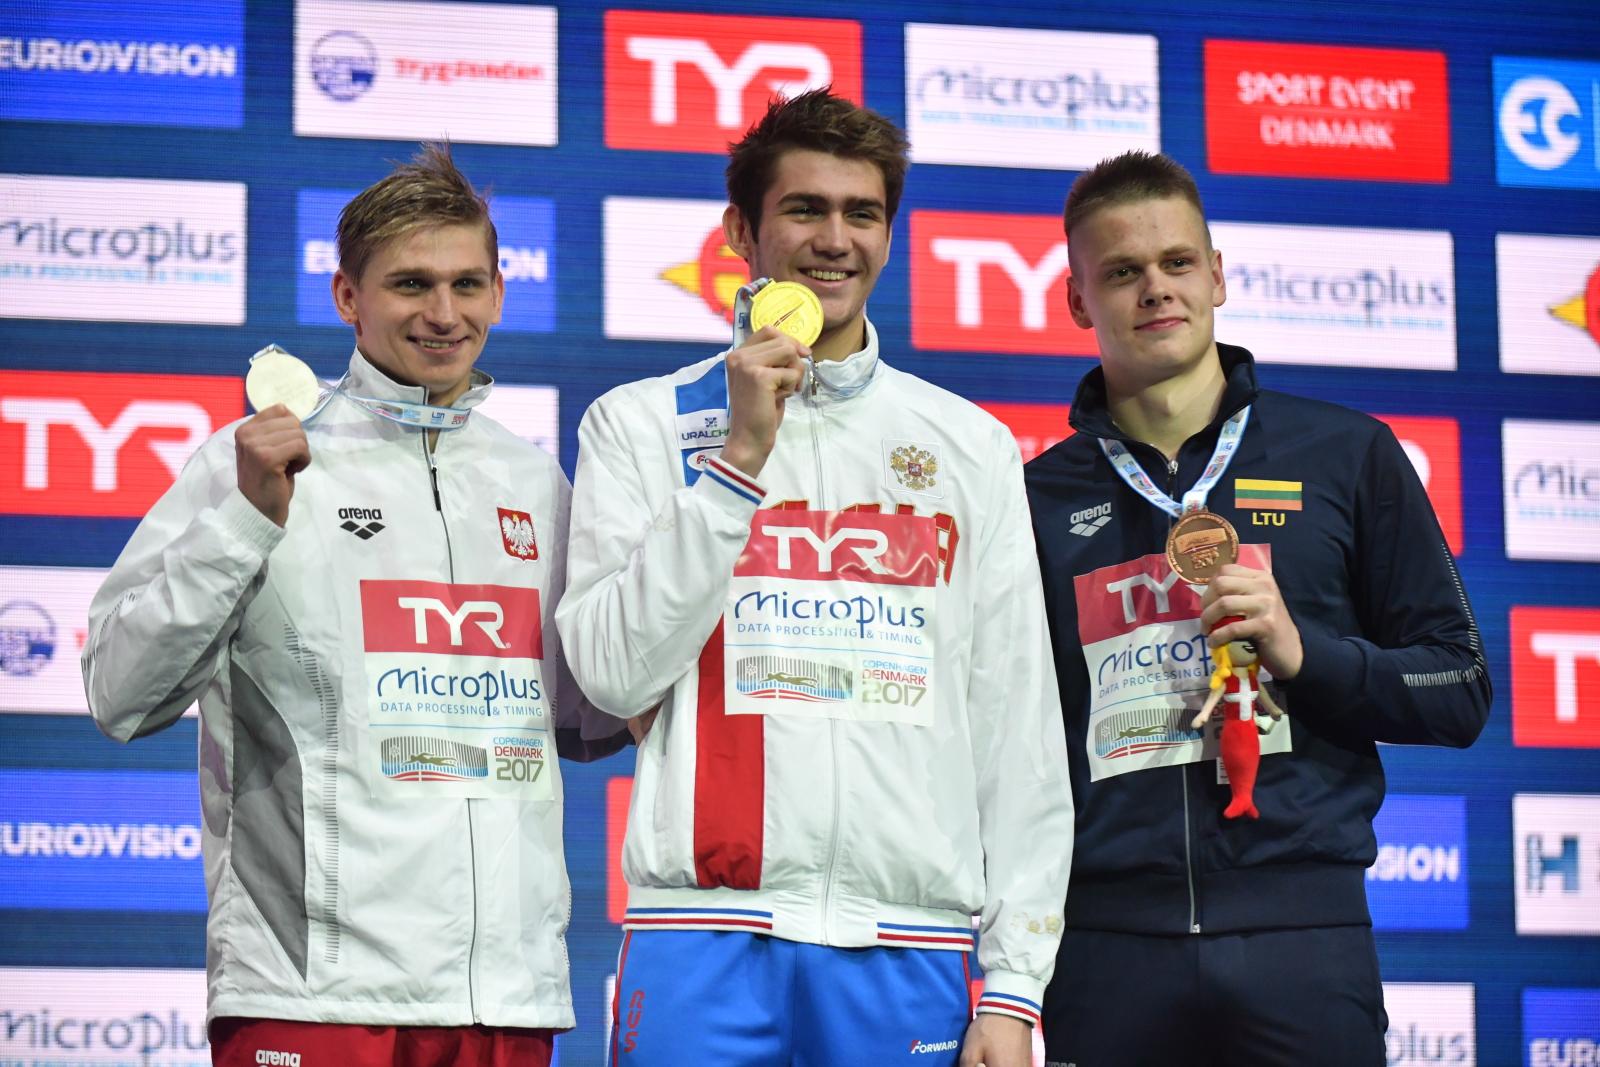 Medaliści wyścigu na 200 metrów stylem grzbietowym - od lewej: Polak Radosław Kawęcki (srebro), Kliment Kolesnikow z Rosji (złoto) i Litwin Danas Rapsys (brąz) podczas pływackich mistrzostw Europy w Kopenhadze, fot. PAP/Bartłomiej Zborowski